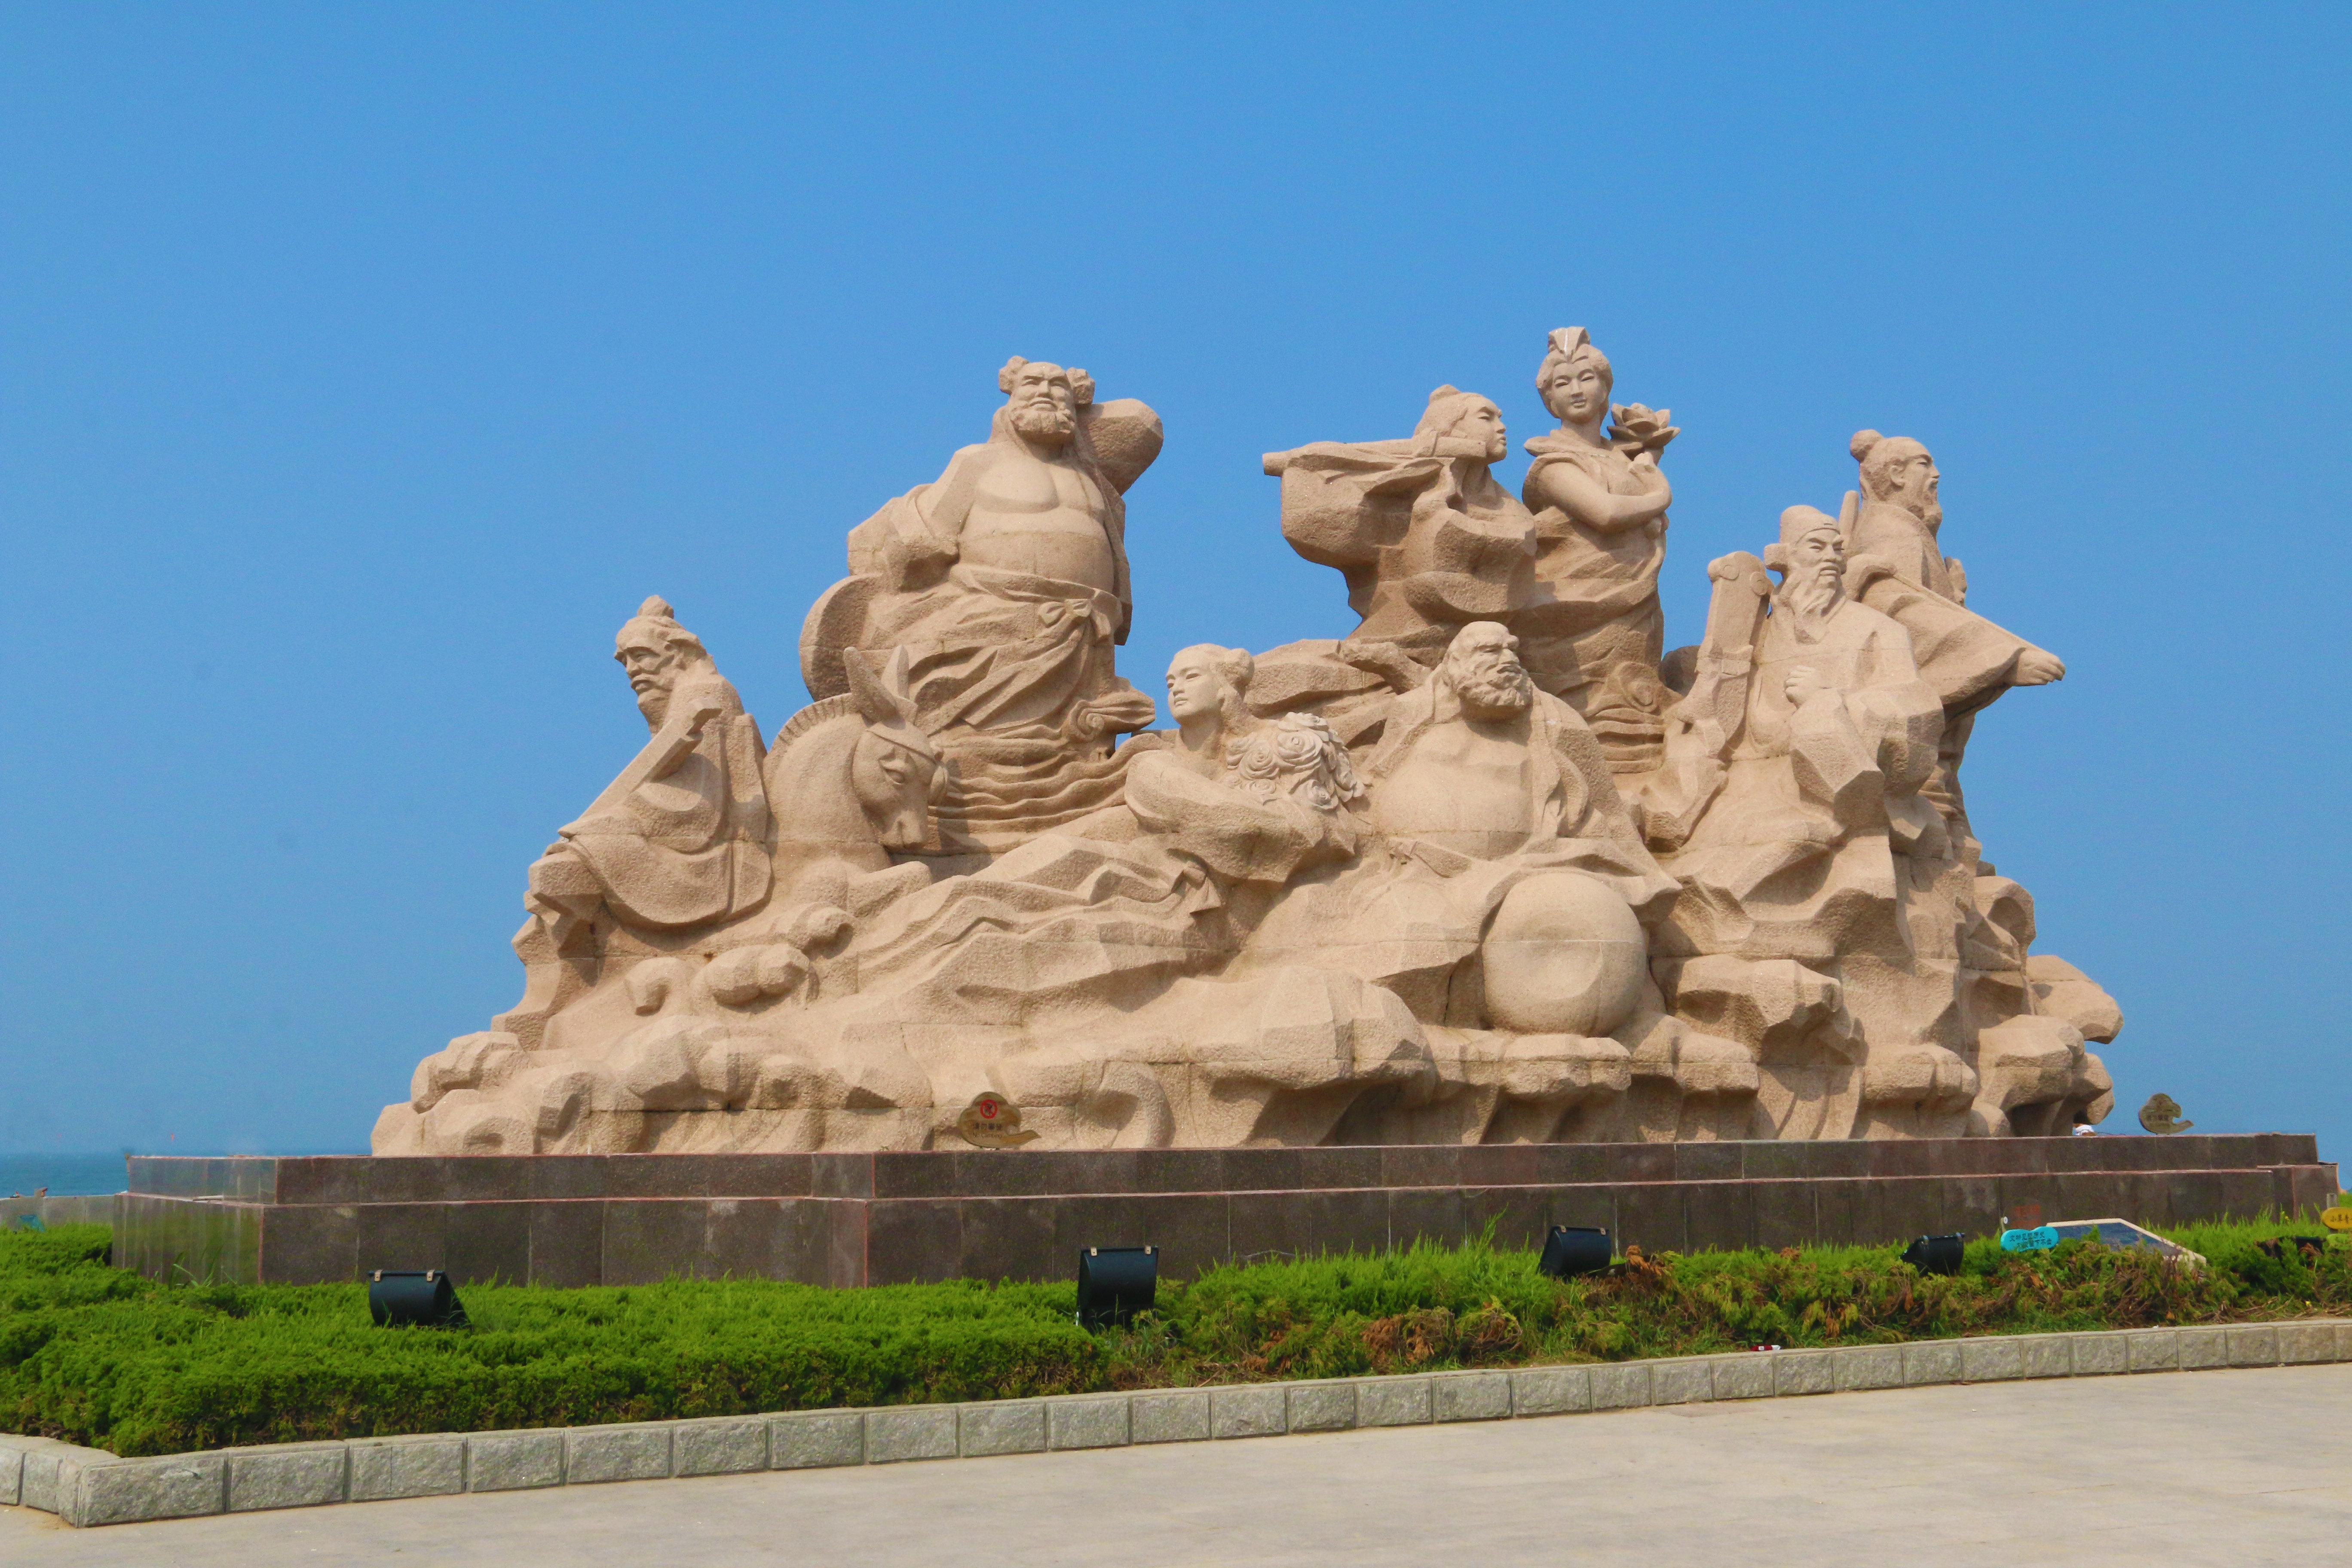 天津出发!威海青岛蓬莱自驾六日游,一家四口带老人超欢乐!